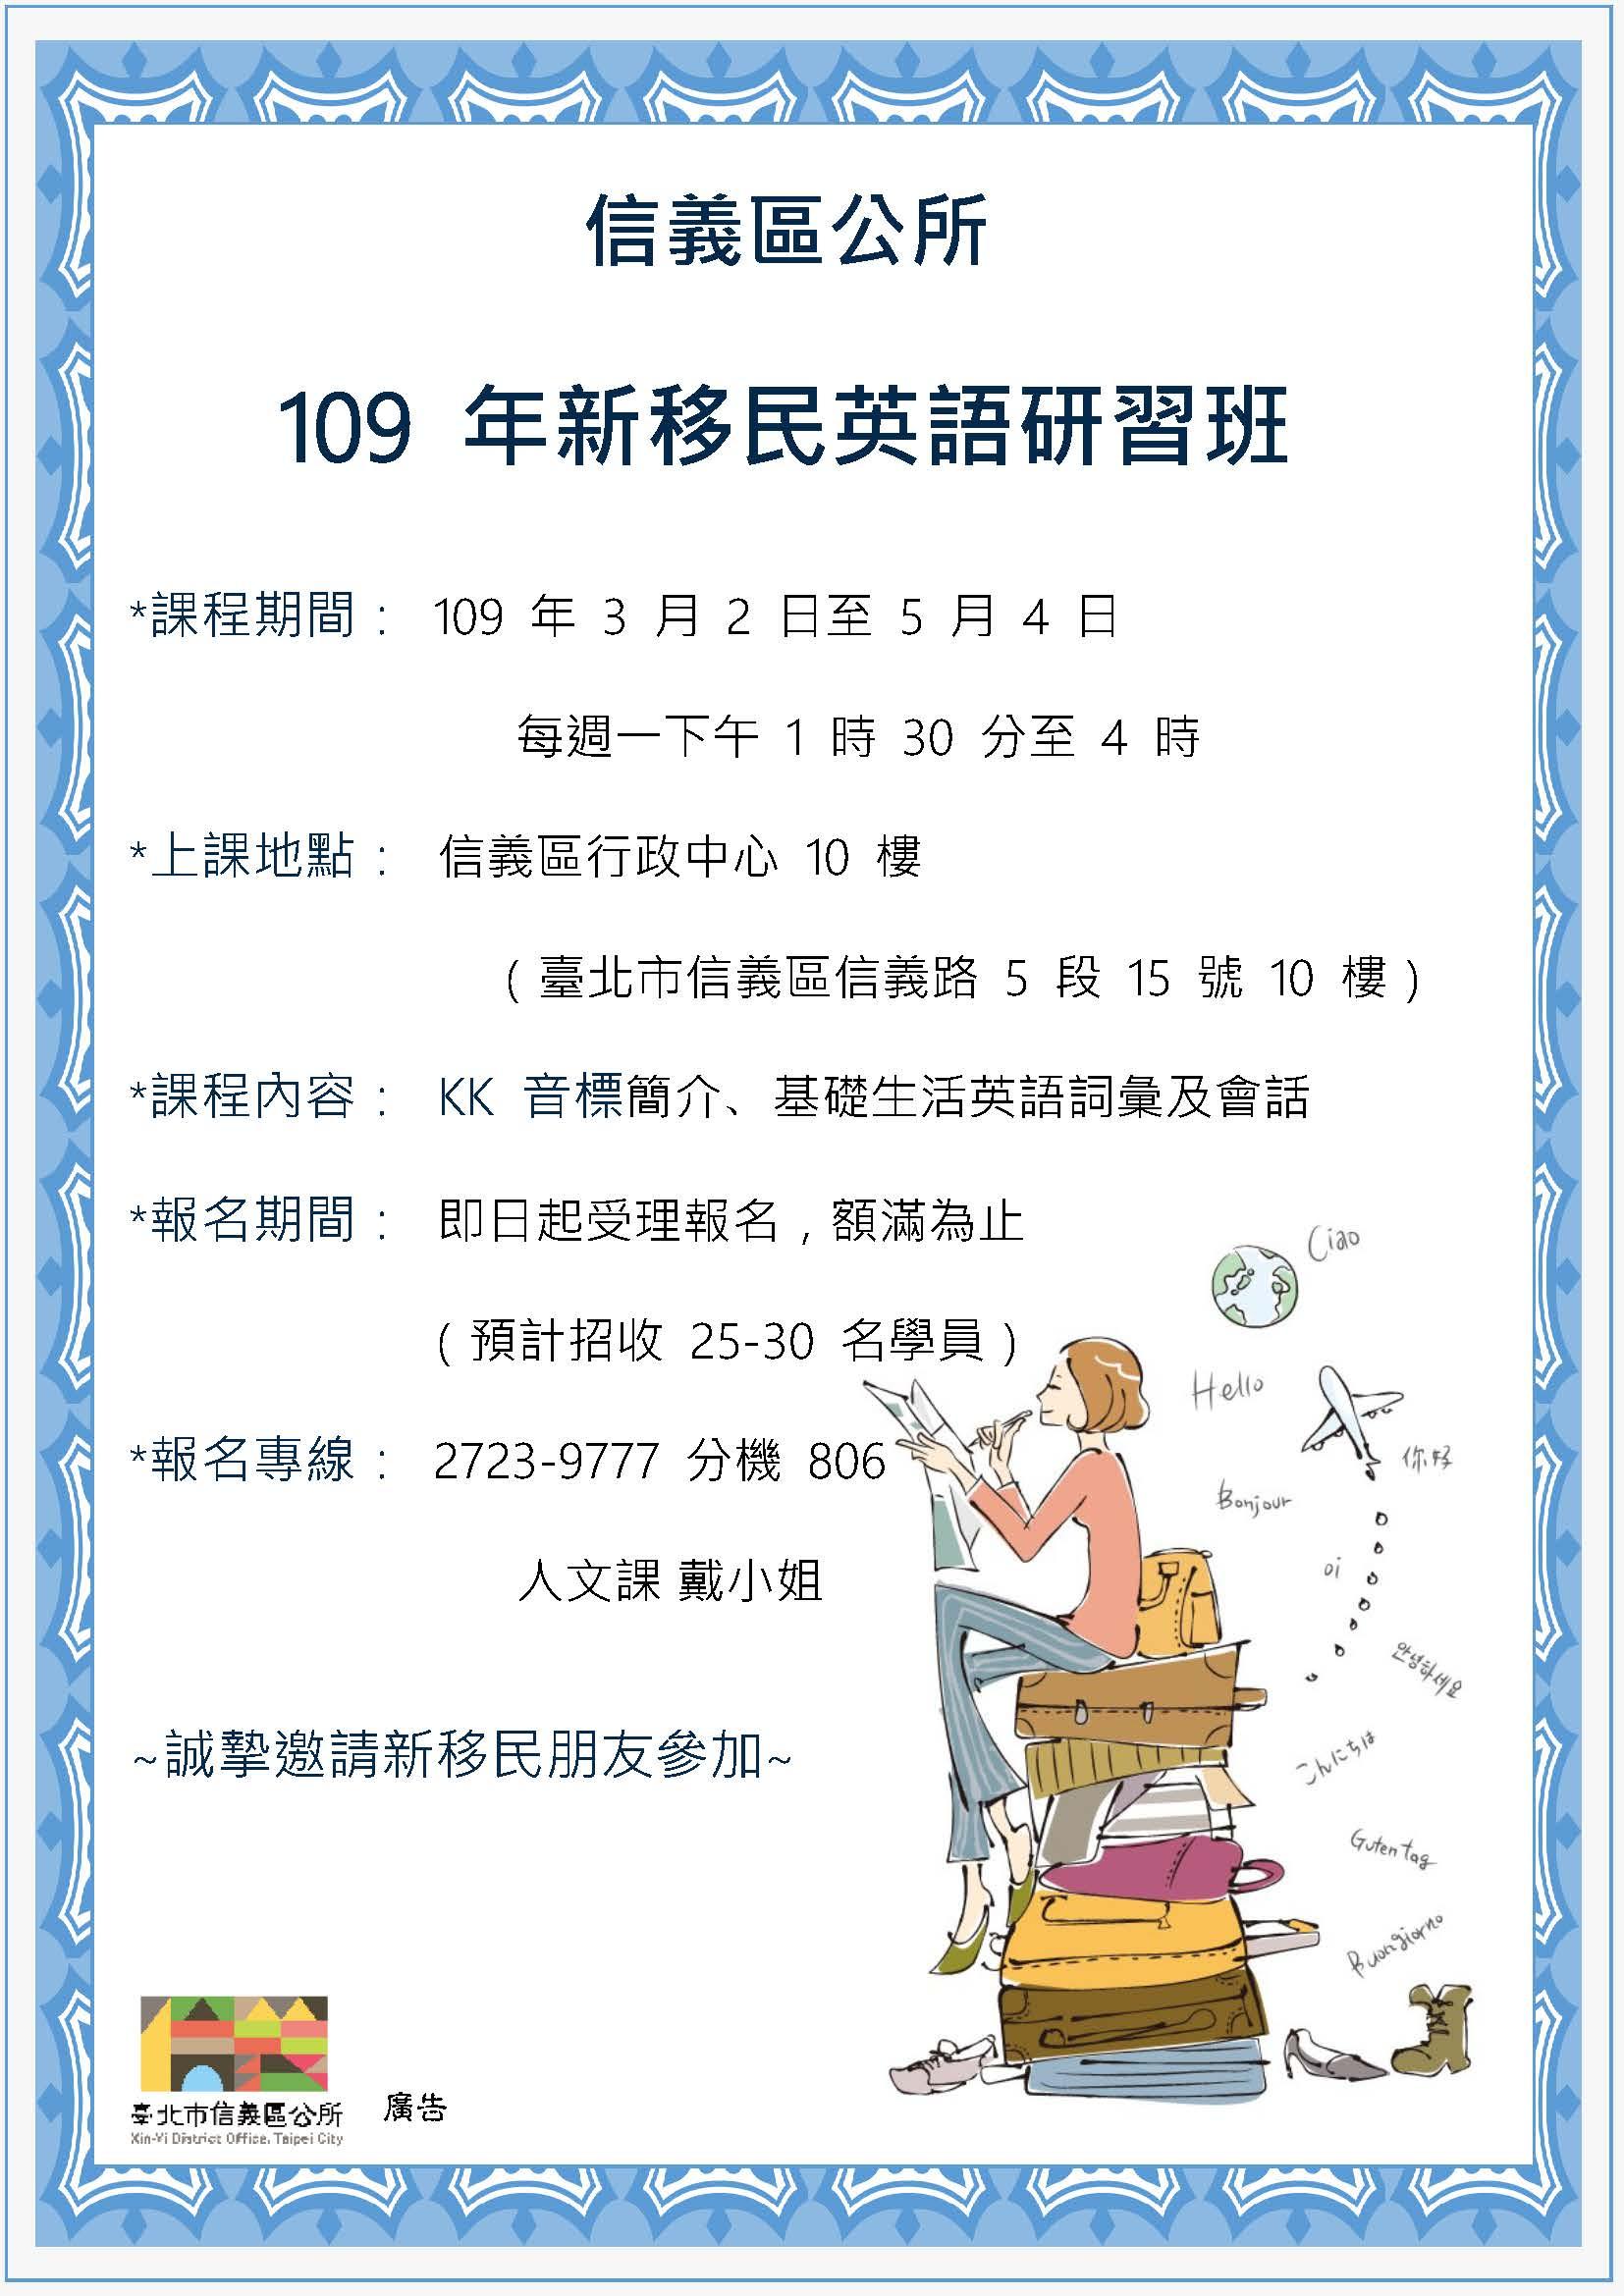 """Văn phòng quận Tín Nghĩa tổ chức """"Lớp học đào tạo tiếng Anh dành cho Tân di dân năm 2020"""" vào ngày 02/03 – 04/05/2020"""